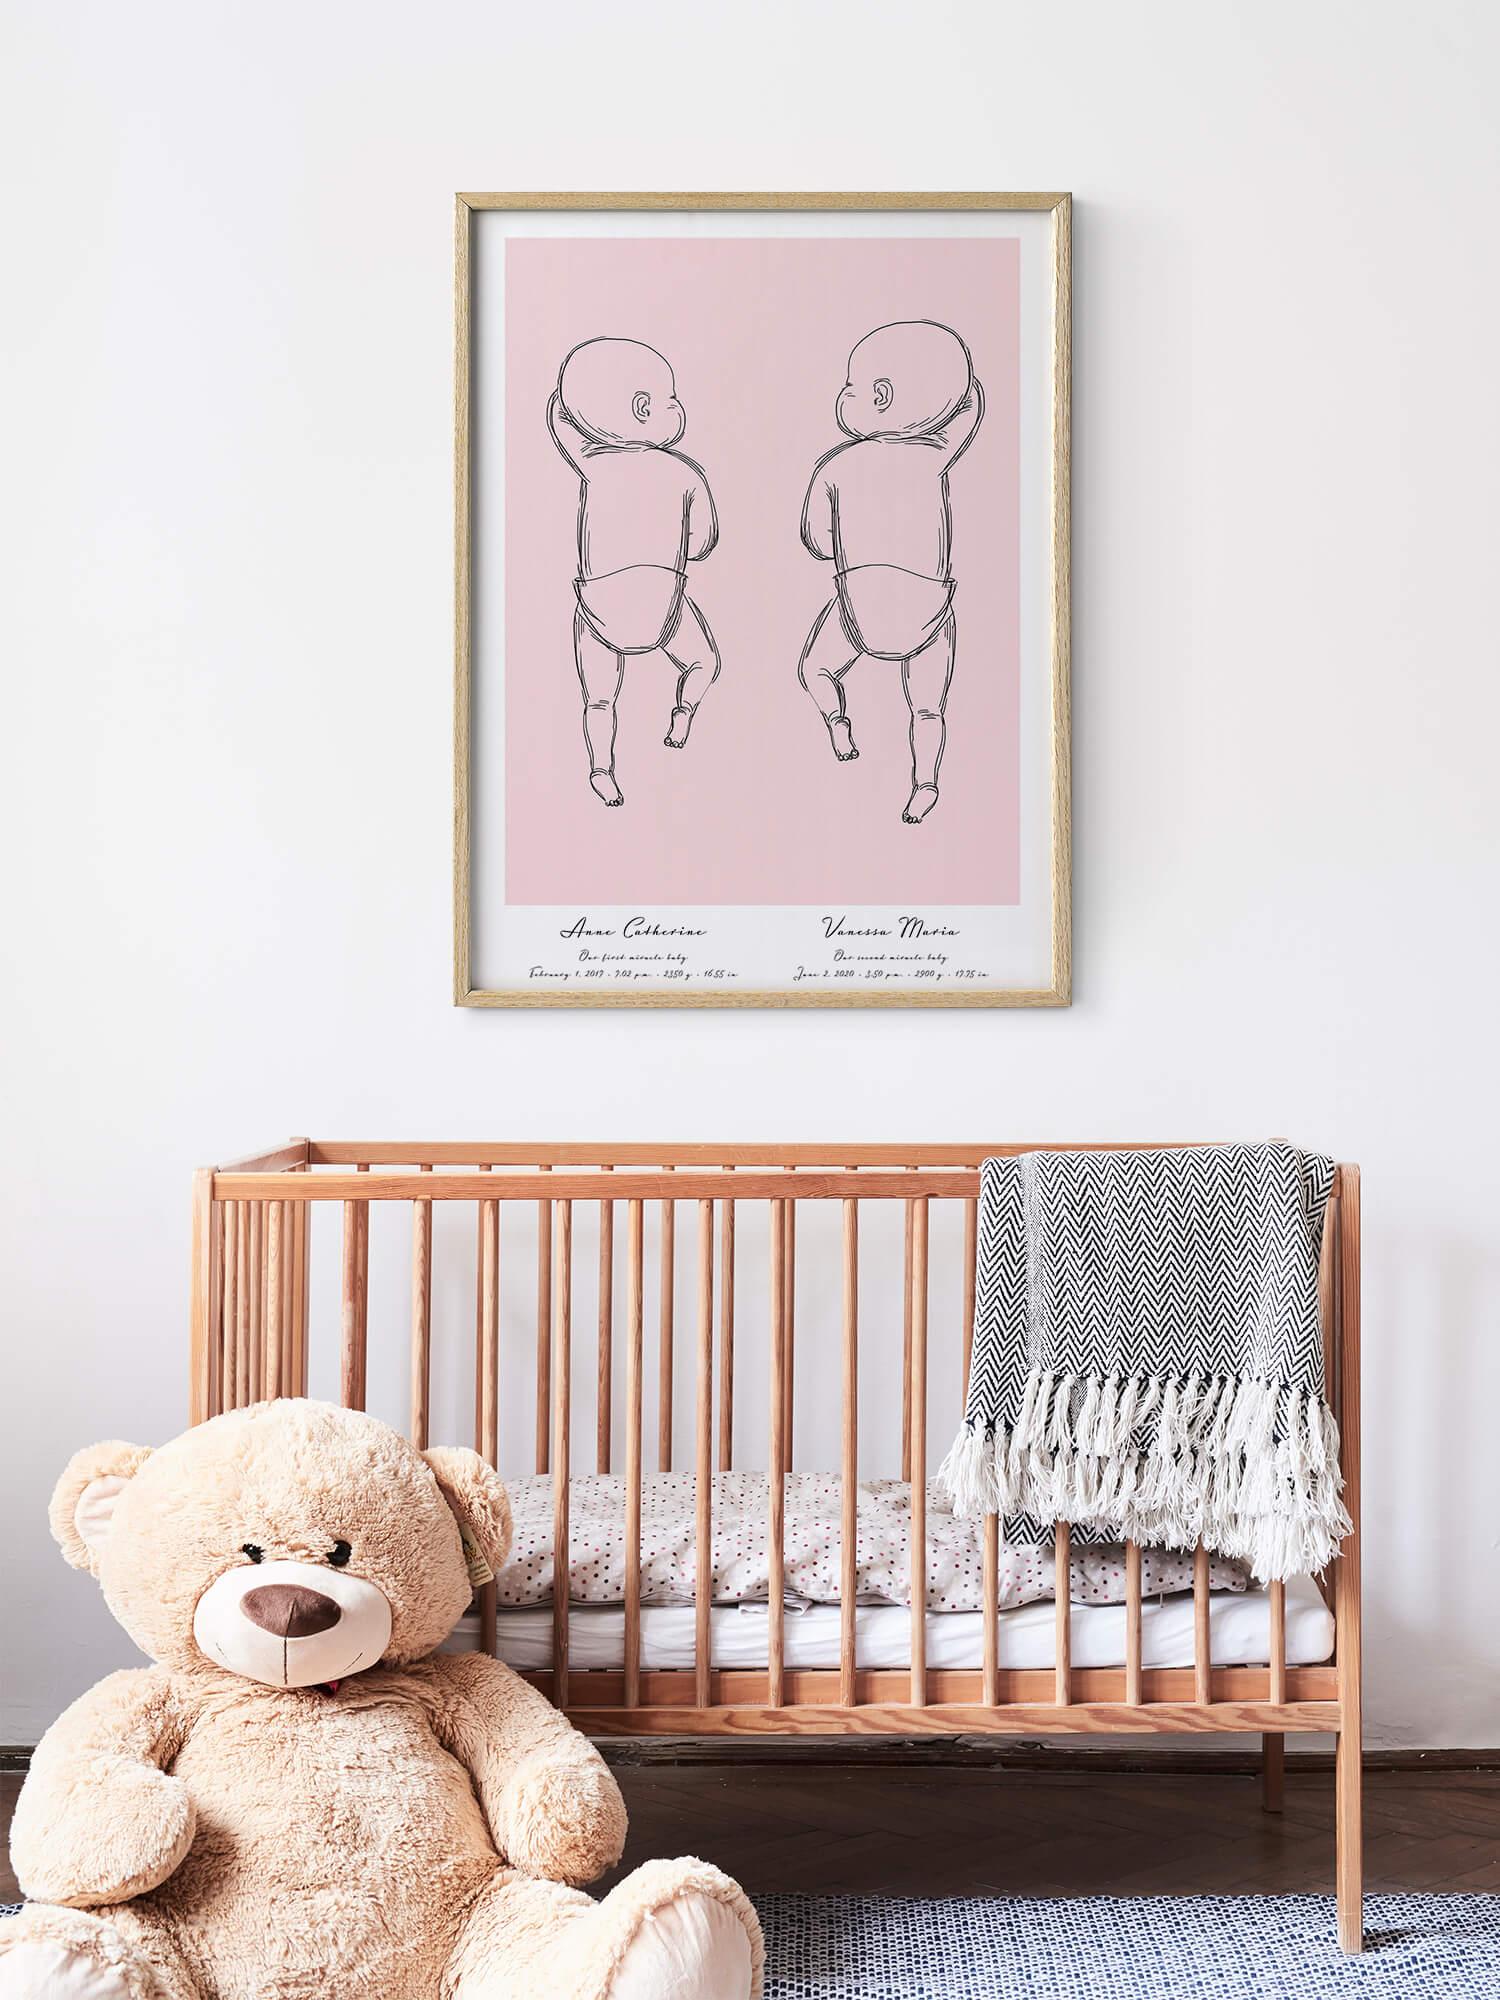 Affiche_Naissance_Personnalisée_Poster_Bébé_Chambre_Enfant_positiveprints